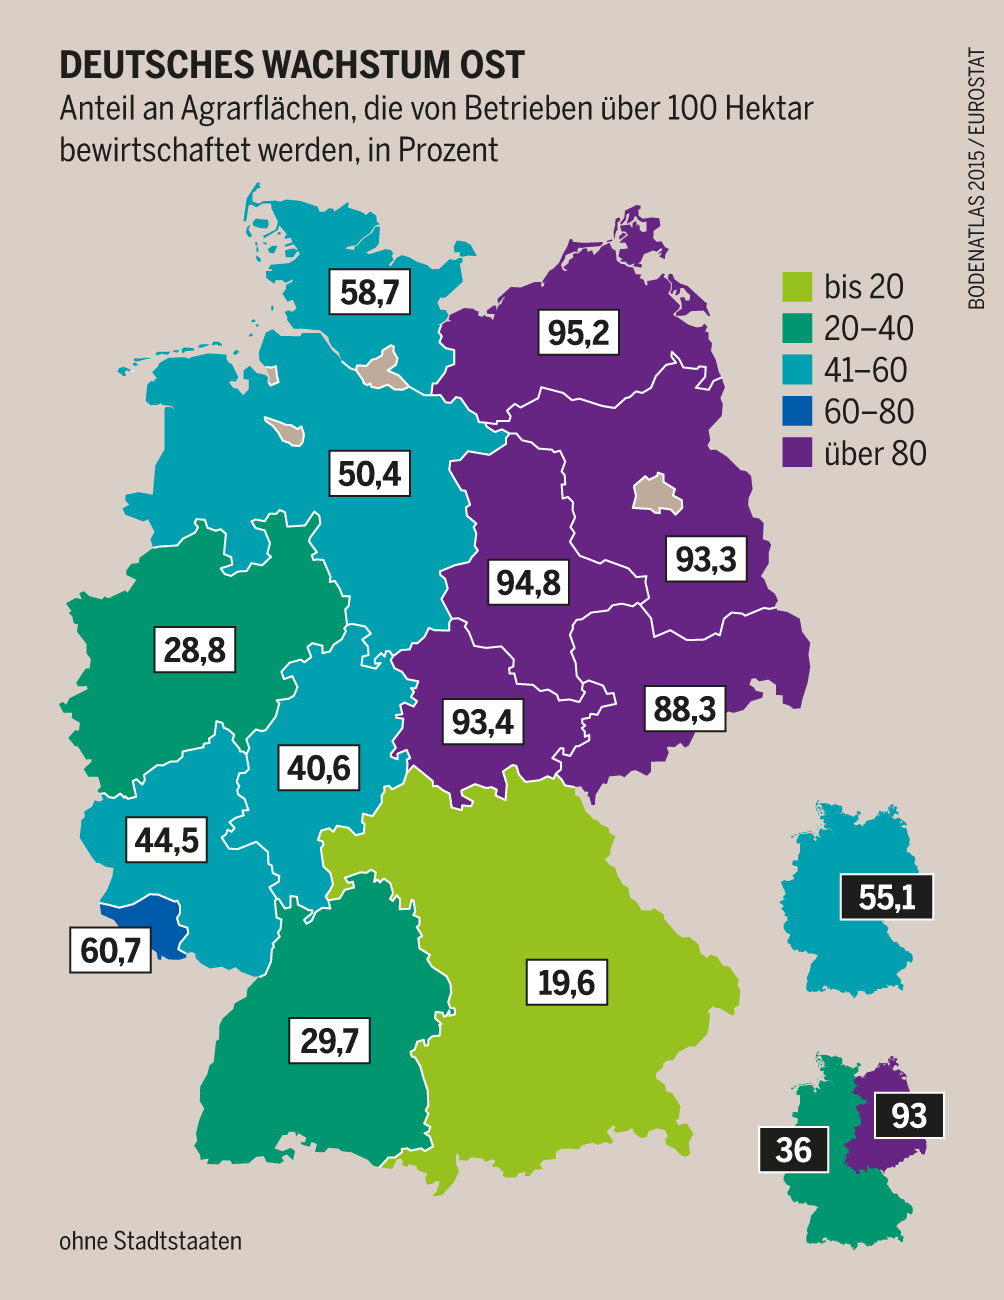 herkömmliche landwirtschaft in deutschland